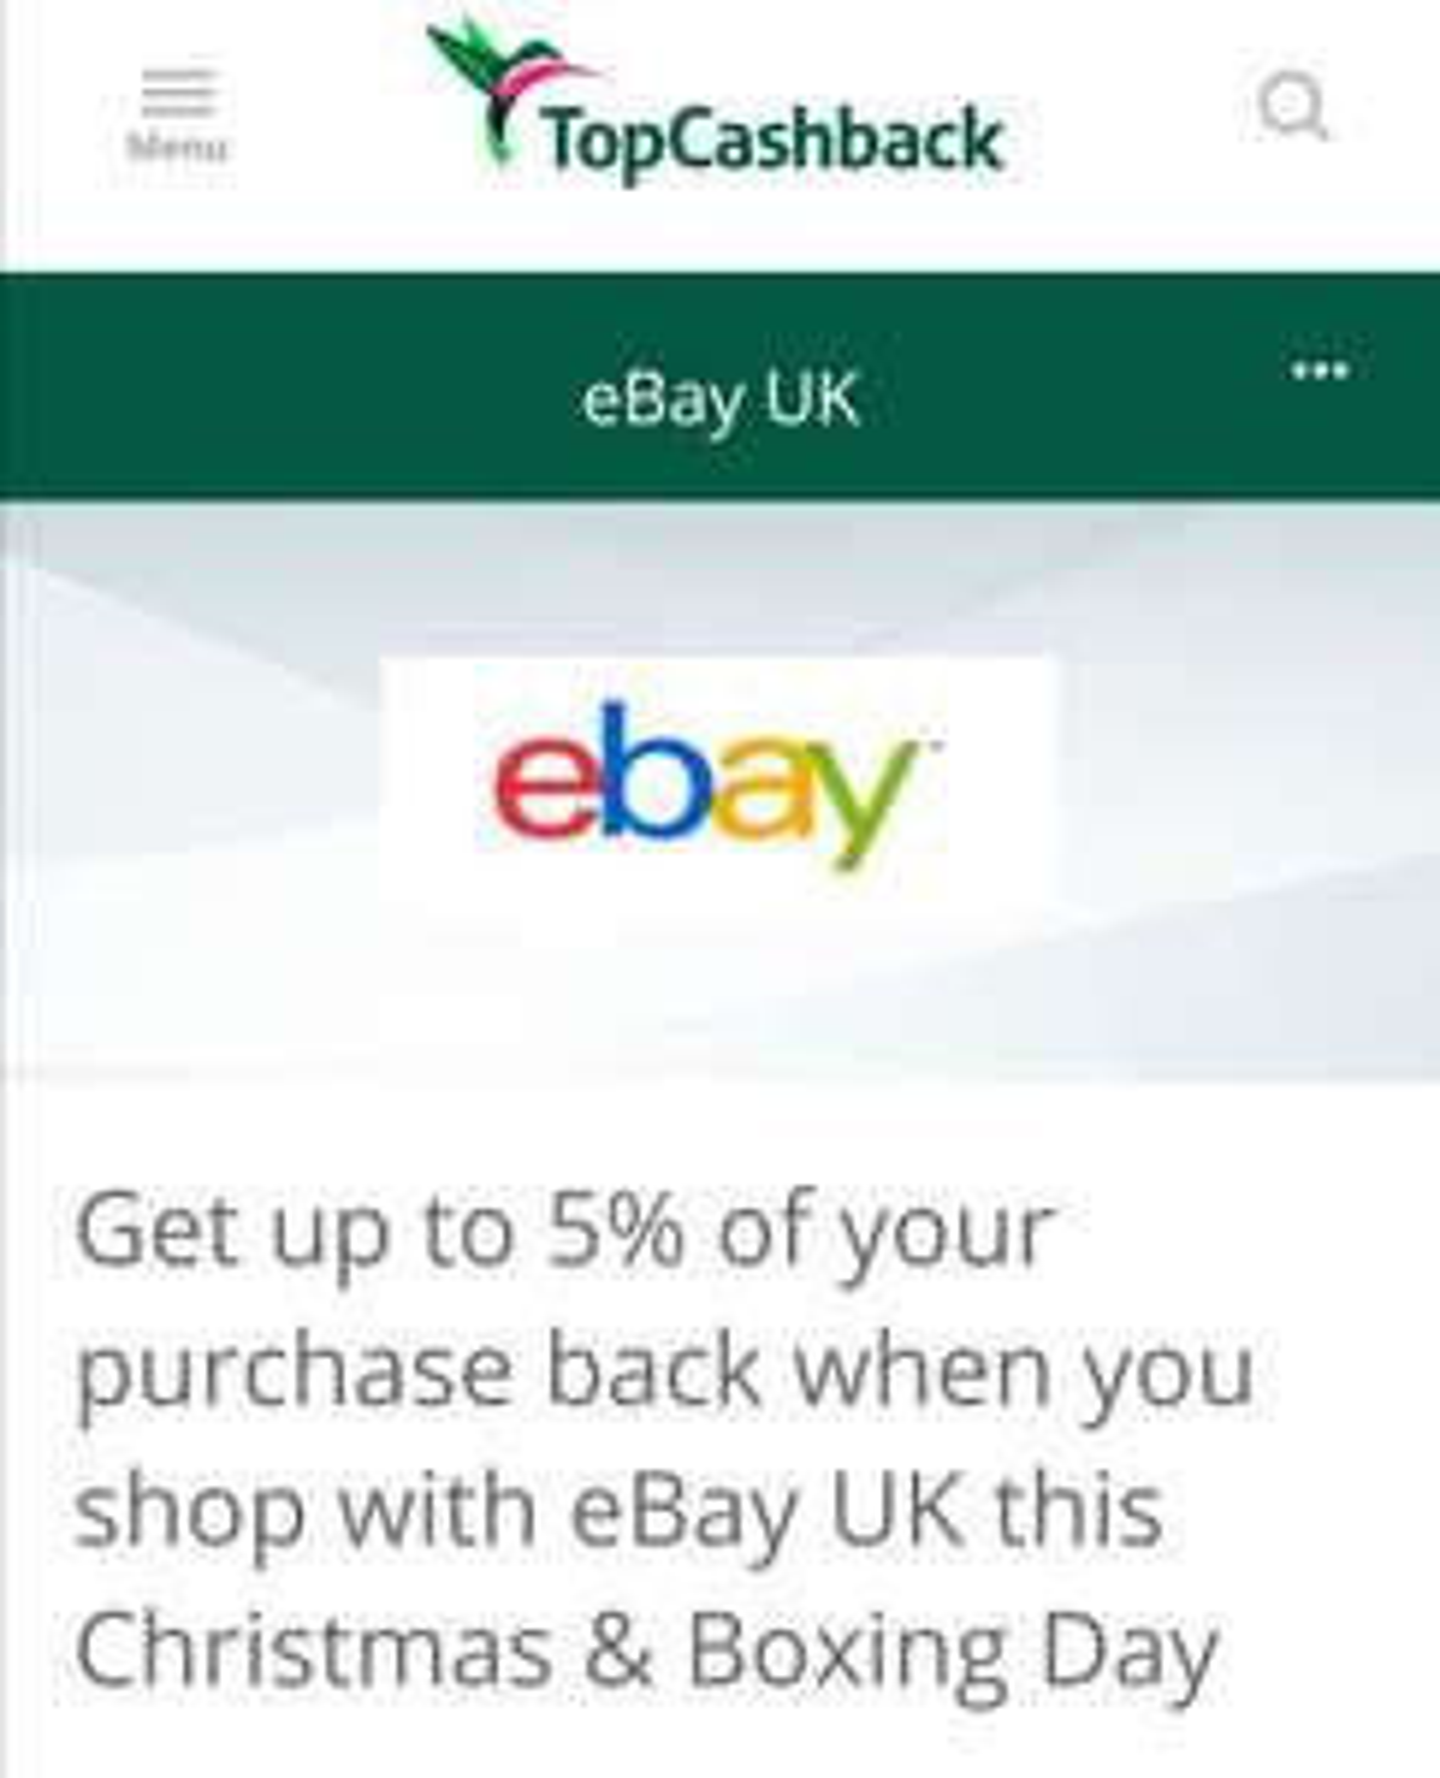 Up to. 5% back on eBay purchase via Topcashback on Xmas & Boxing day